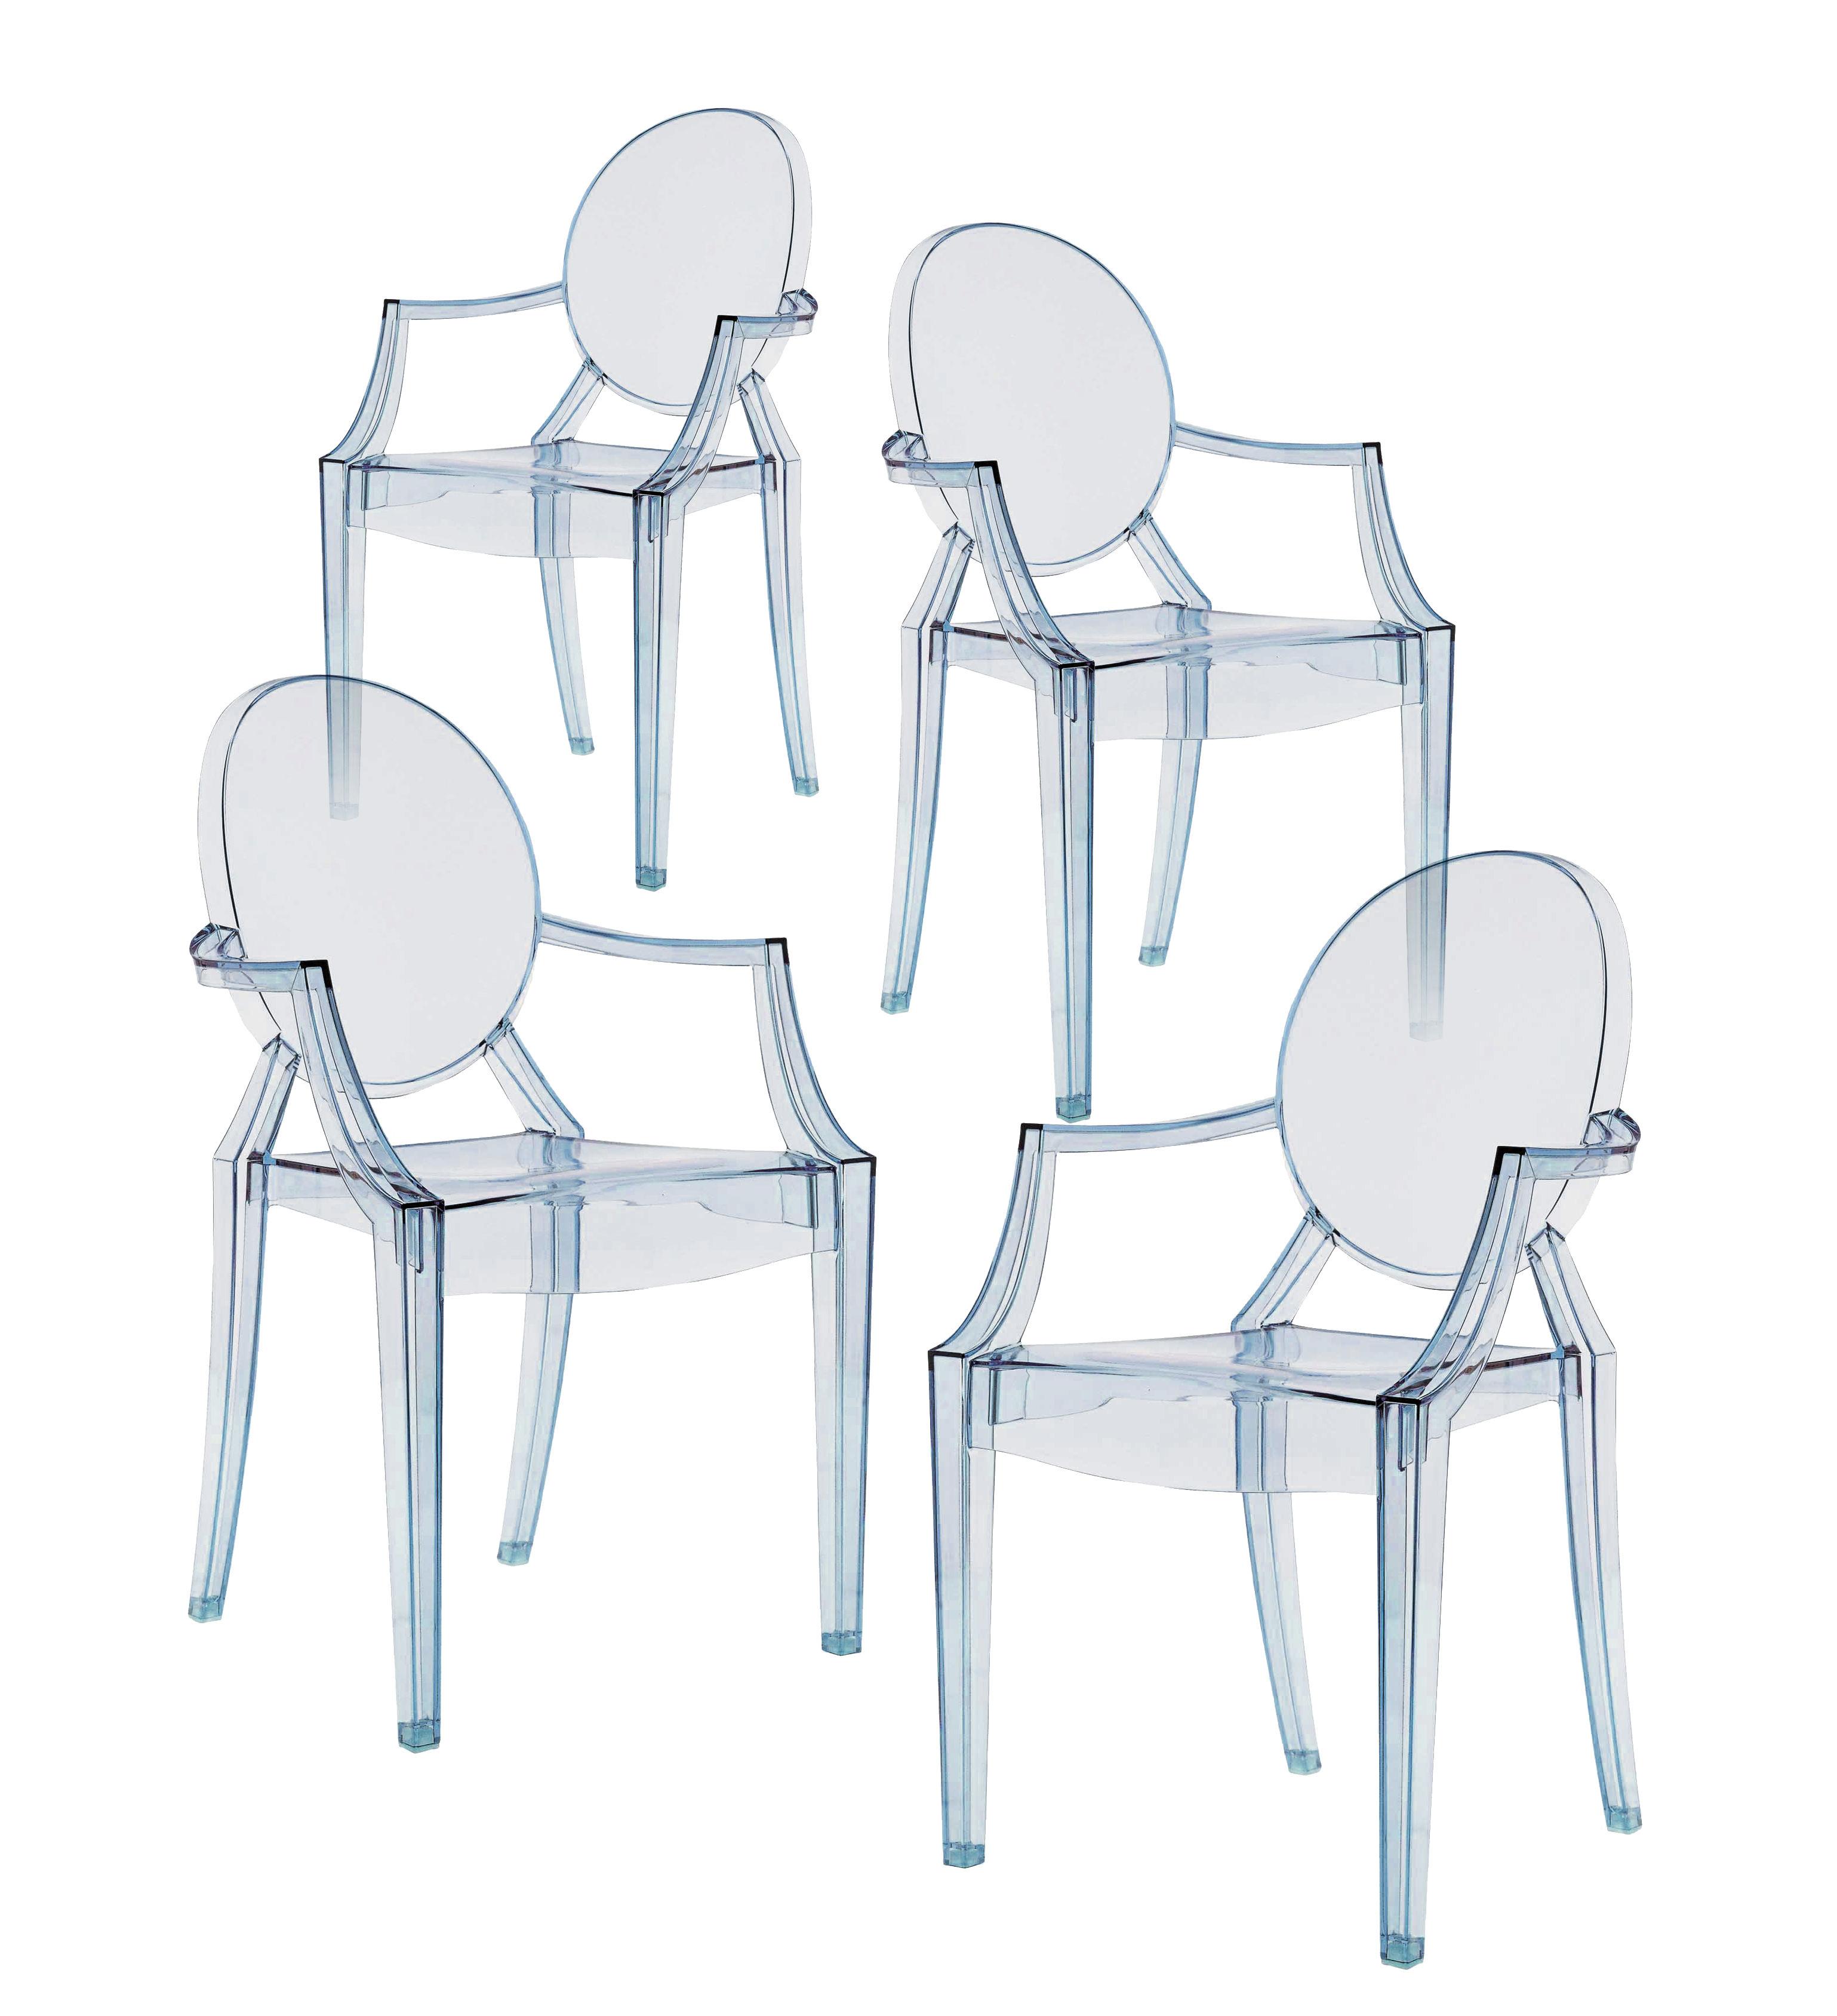 fauteuil empilable louis ghost polycarbonate lot de 4 bleu transparent kartell. Black Bedroom Furniture Sets. Home Design Ideas